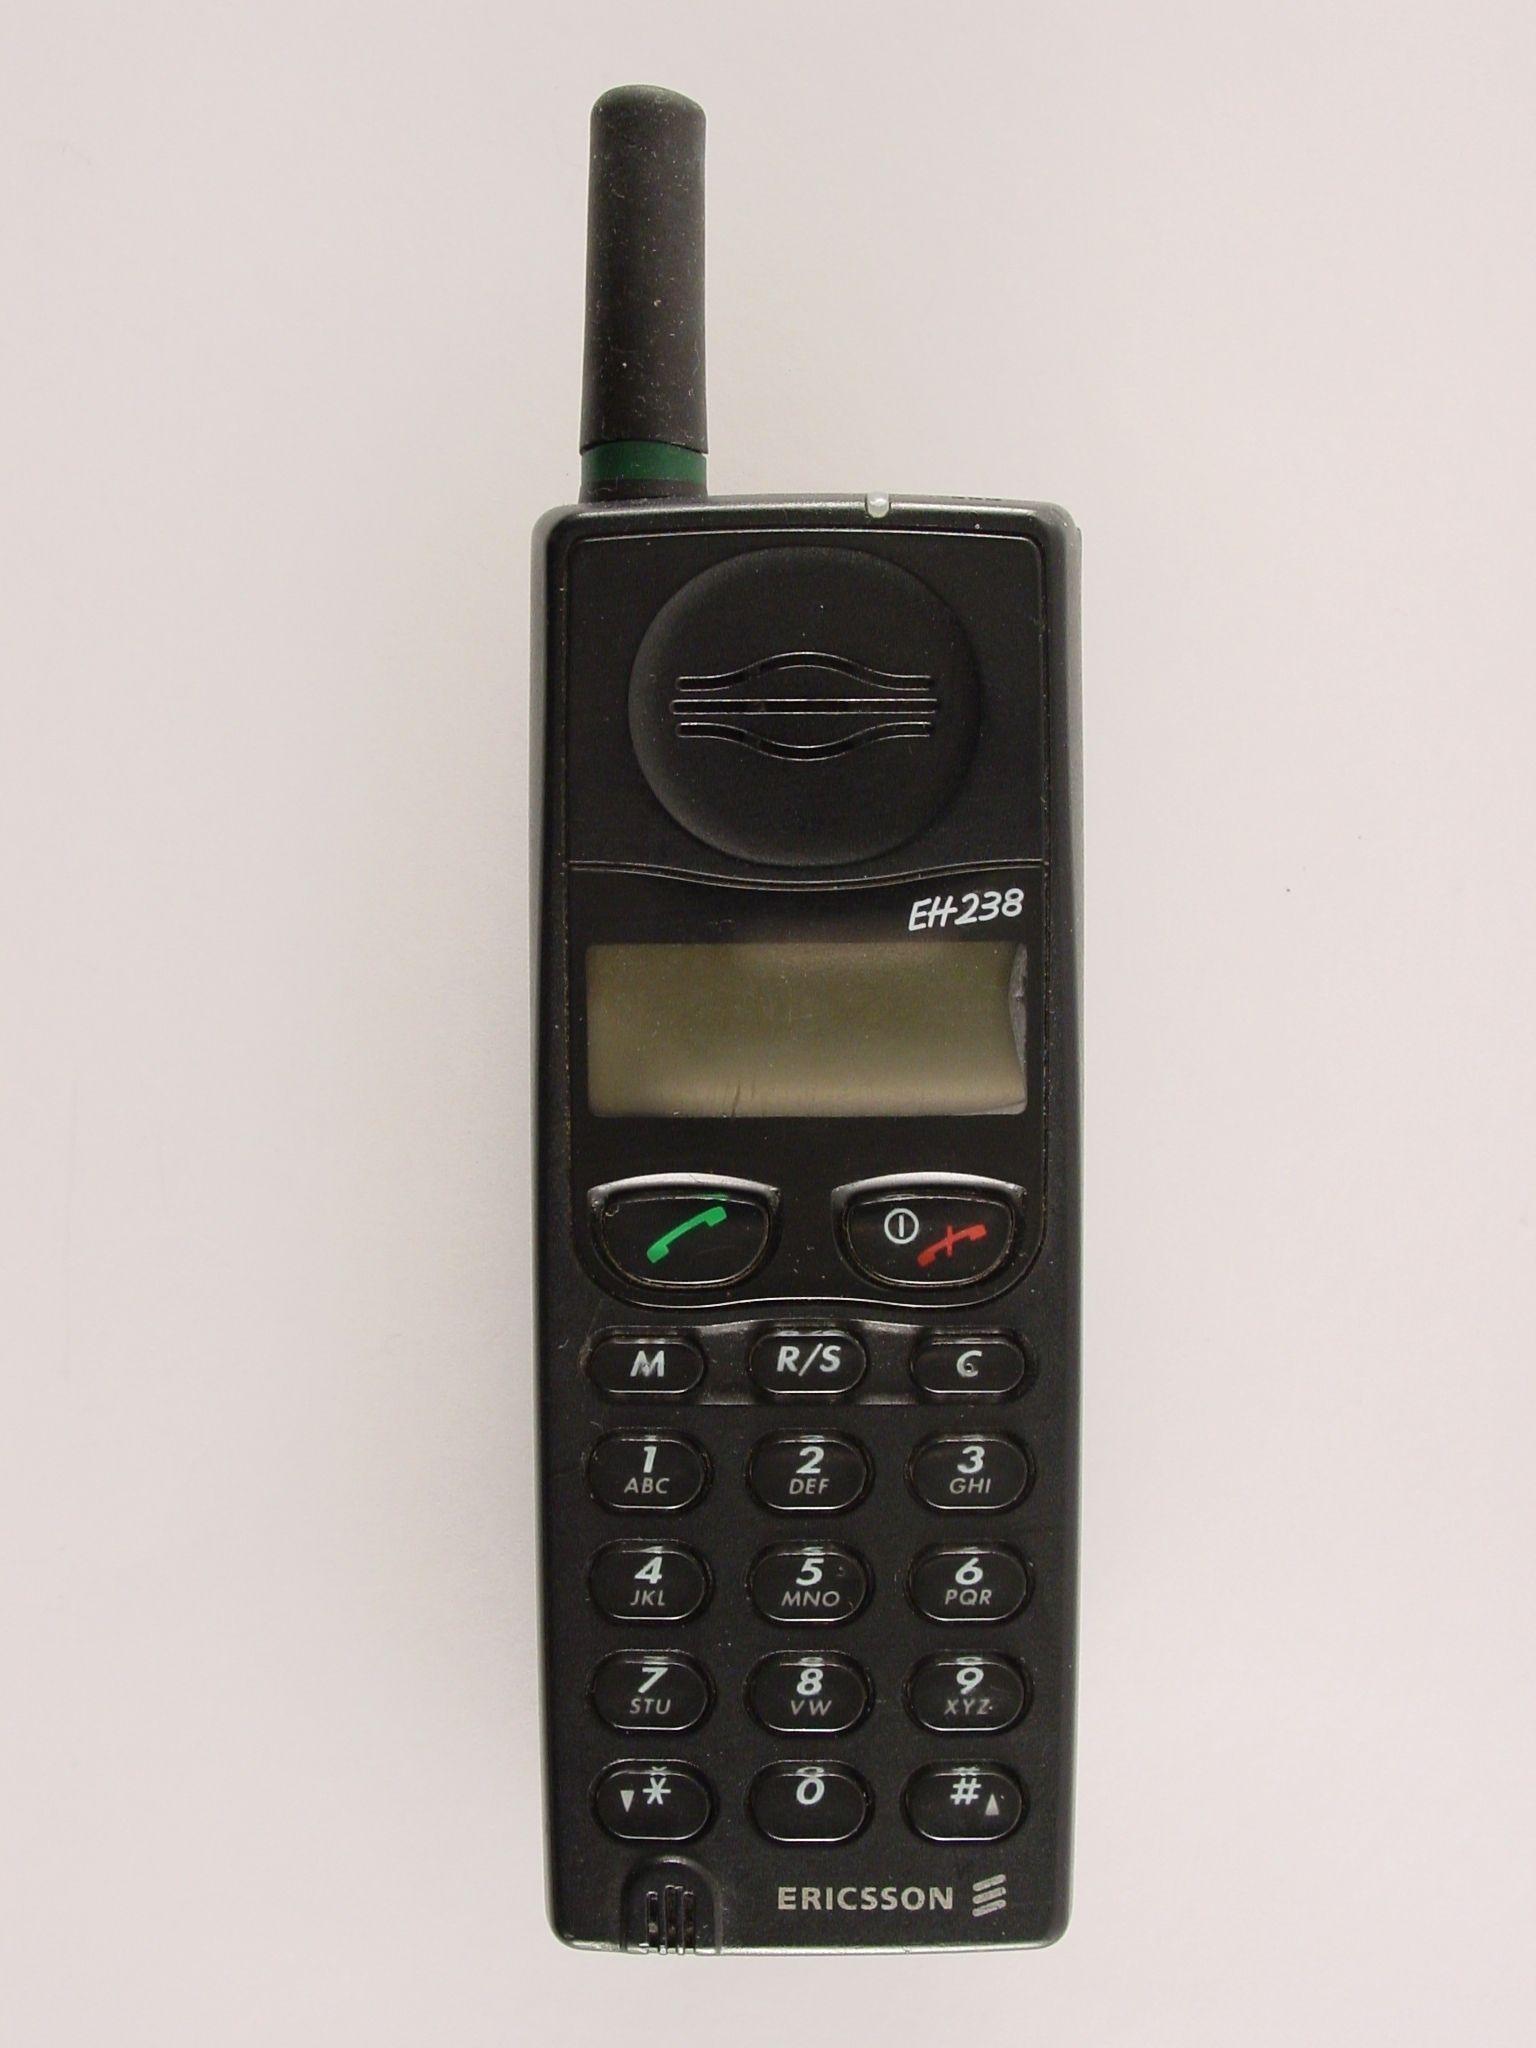 Teléfono móvil. 1995. (España: Ericsson). 16 x 4 x 4,5 cm. Museo Histórico de la Informática (Boadilla del Monte) www.mhi.fi.upm.es/ Colección Digital Politécnica http://cdp.upm.es/R/?object_id=497889&func=dbin-jump-full